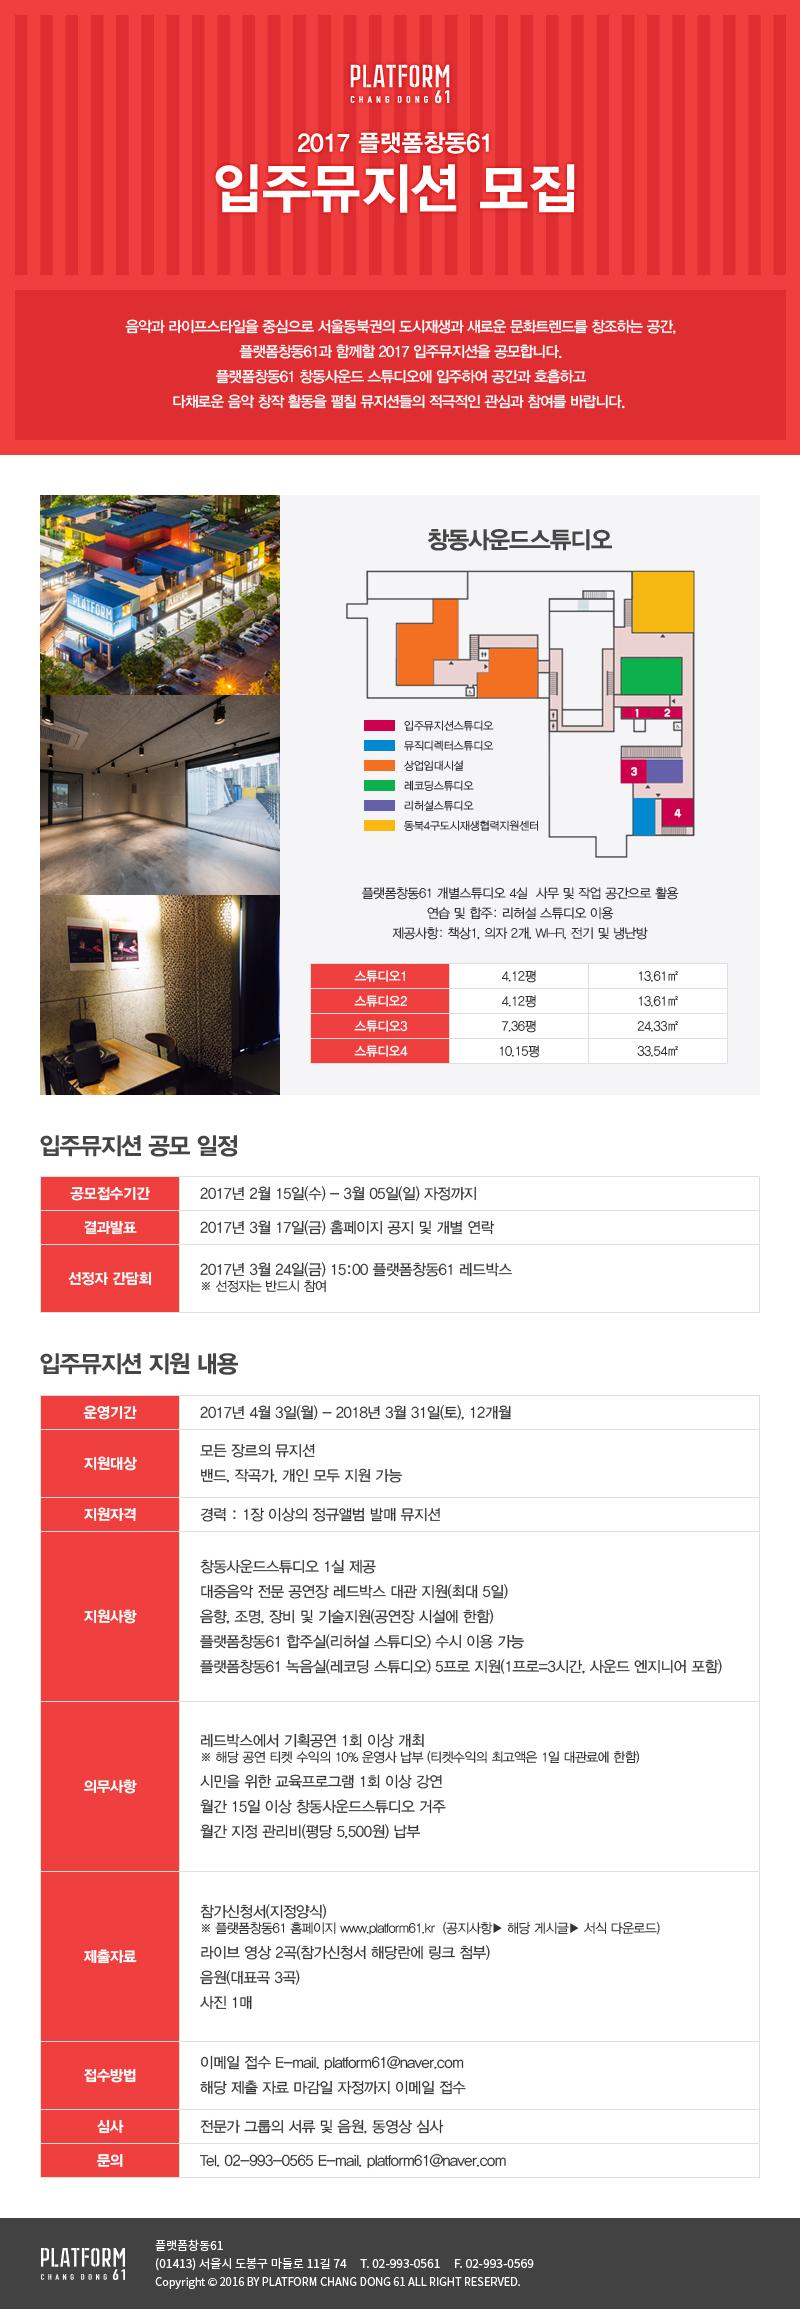 [웹공고문]플랫폼창동61_2017년 입주뮤지션 모집.jpg